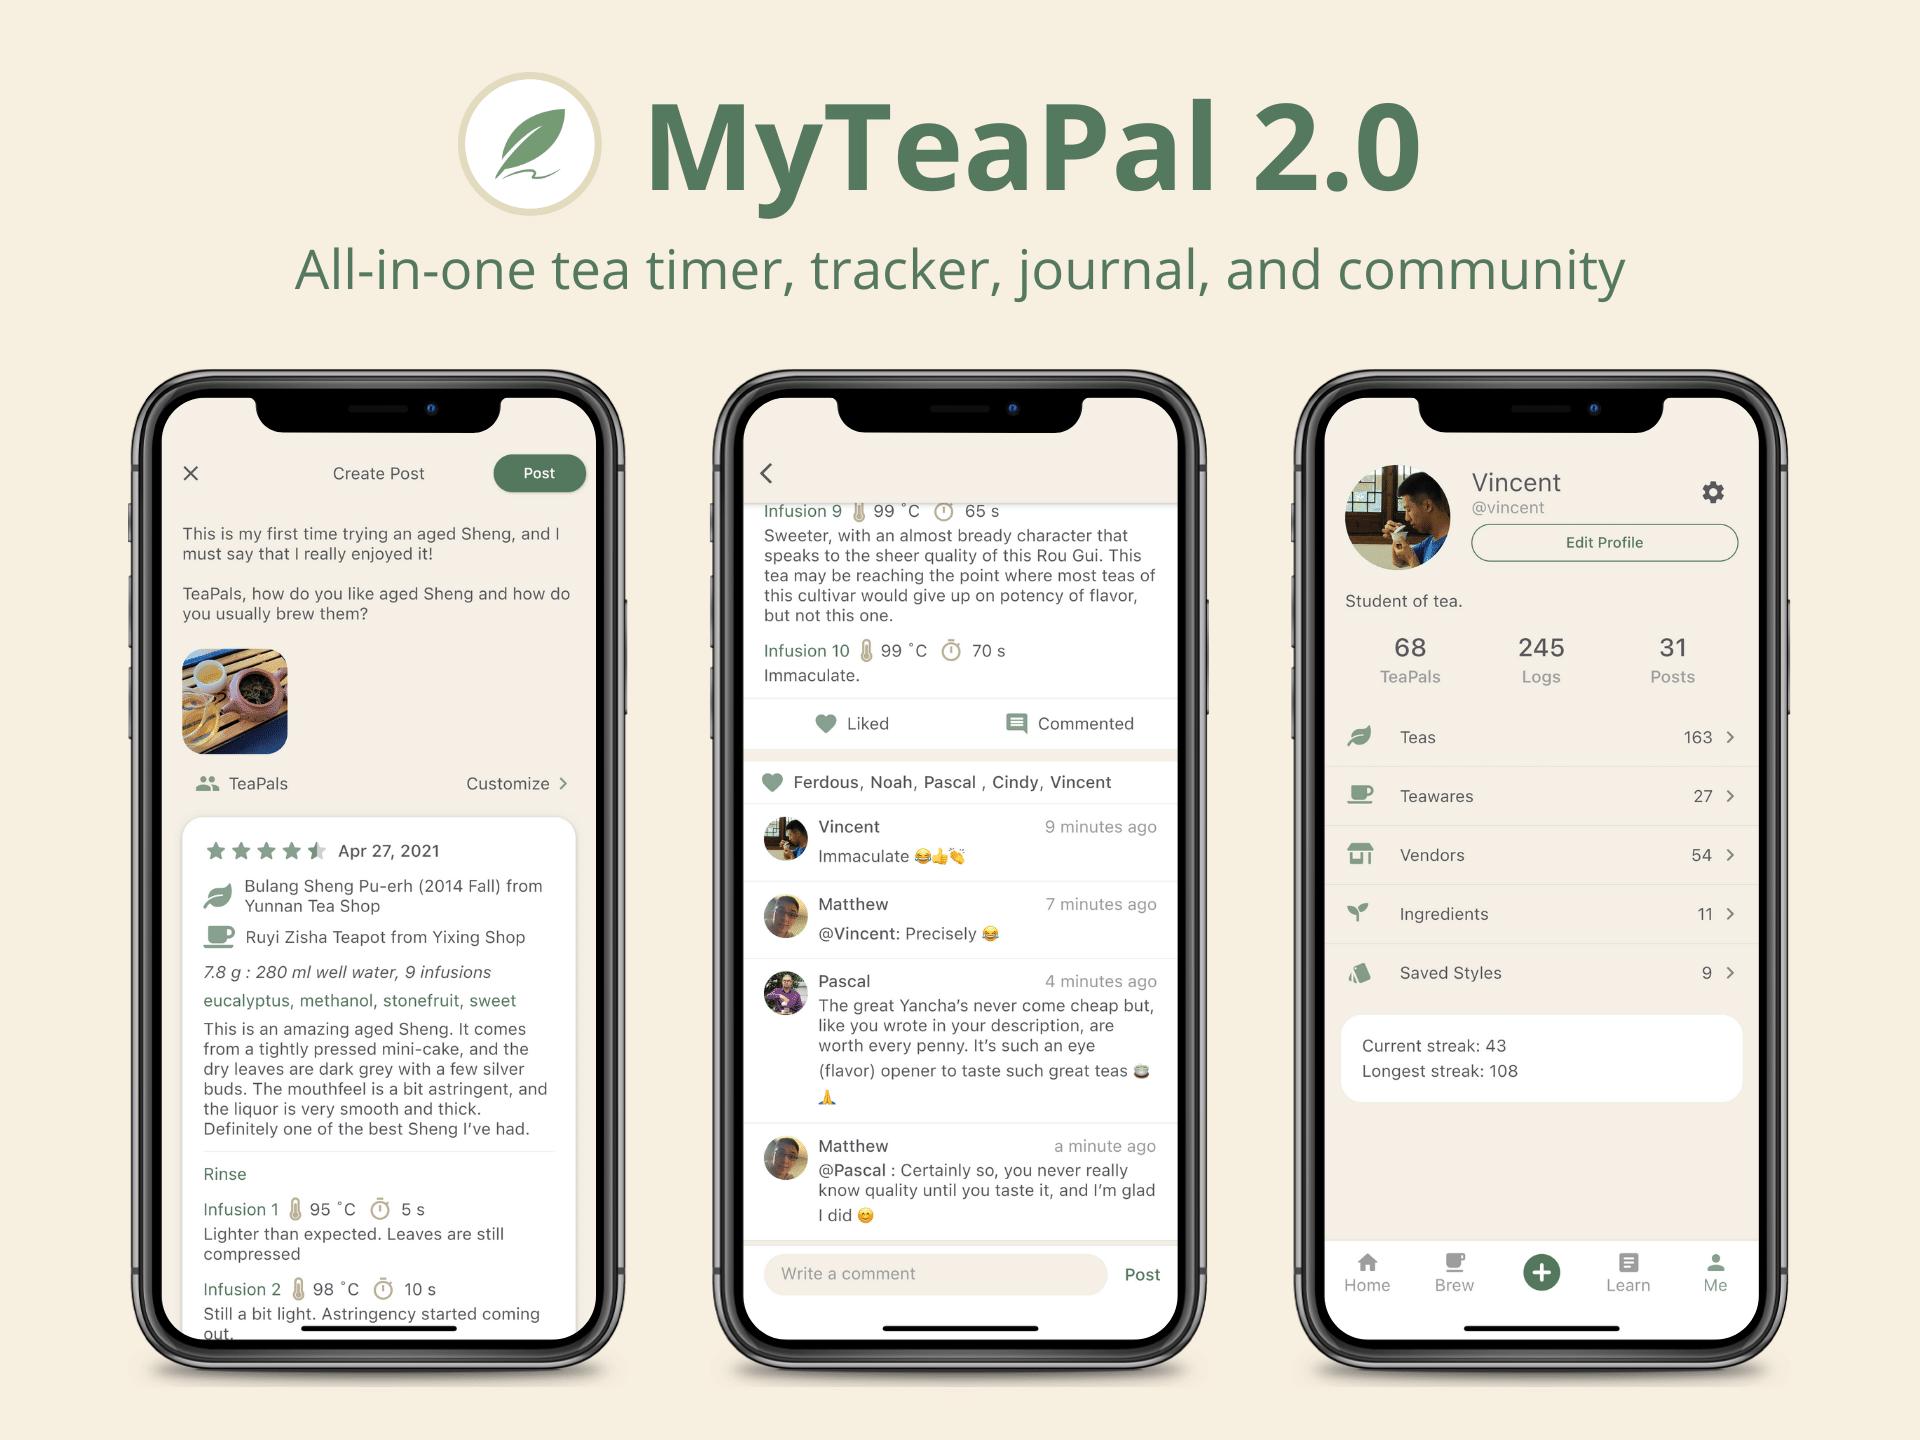 myteapal 2.0 cover